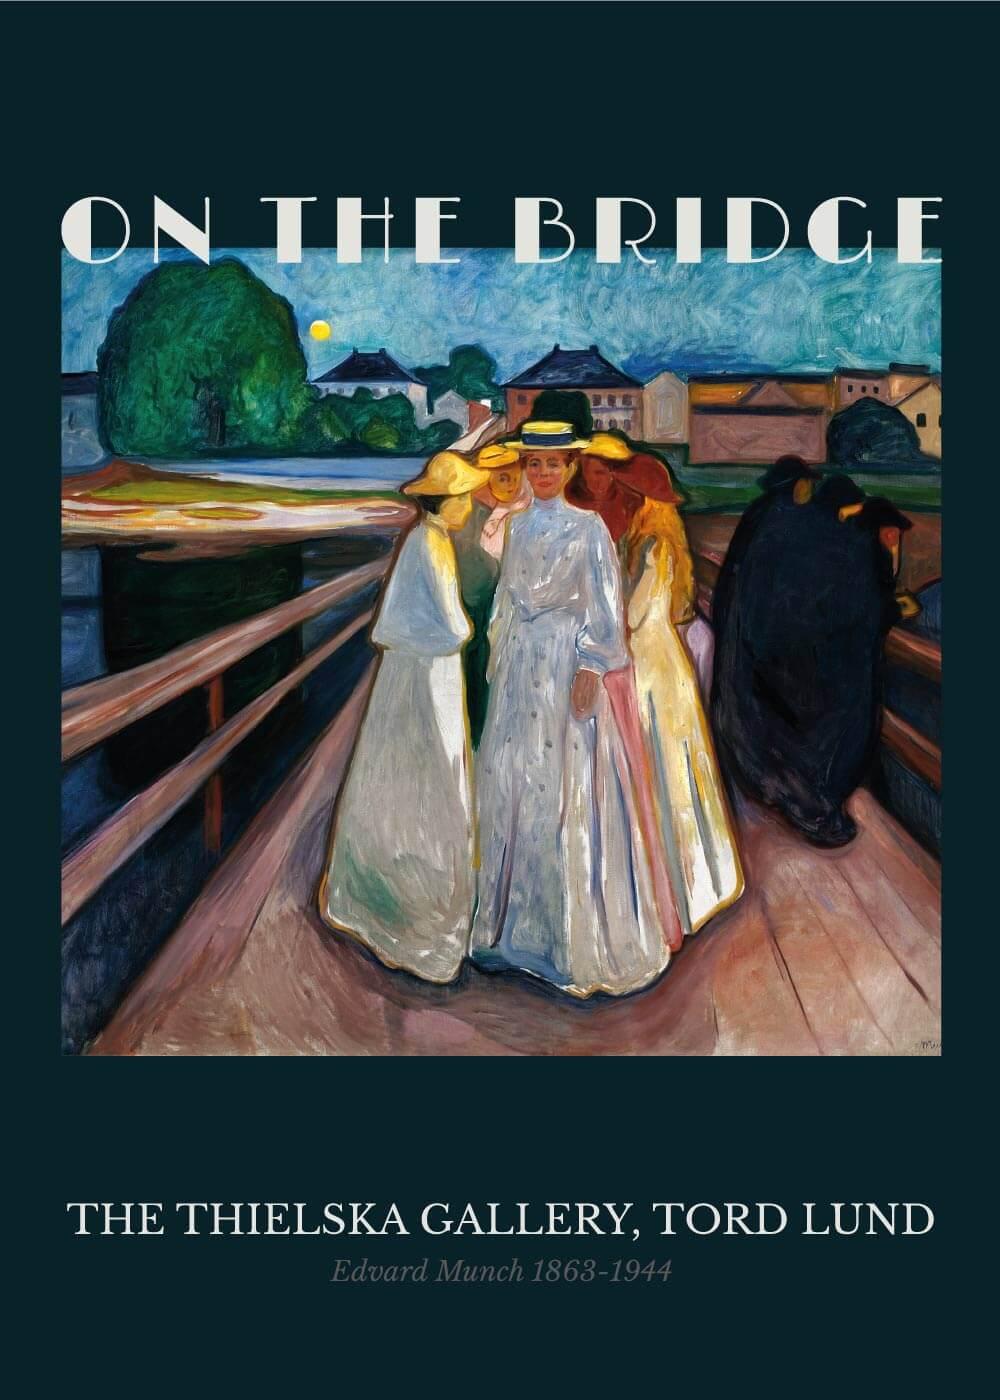 Billede af On the bridge - Edvard Munch